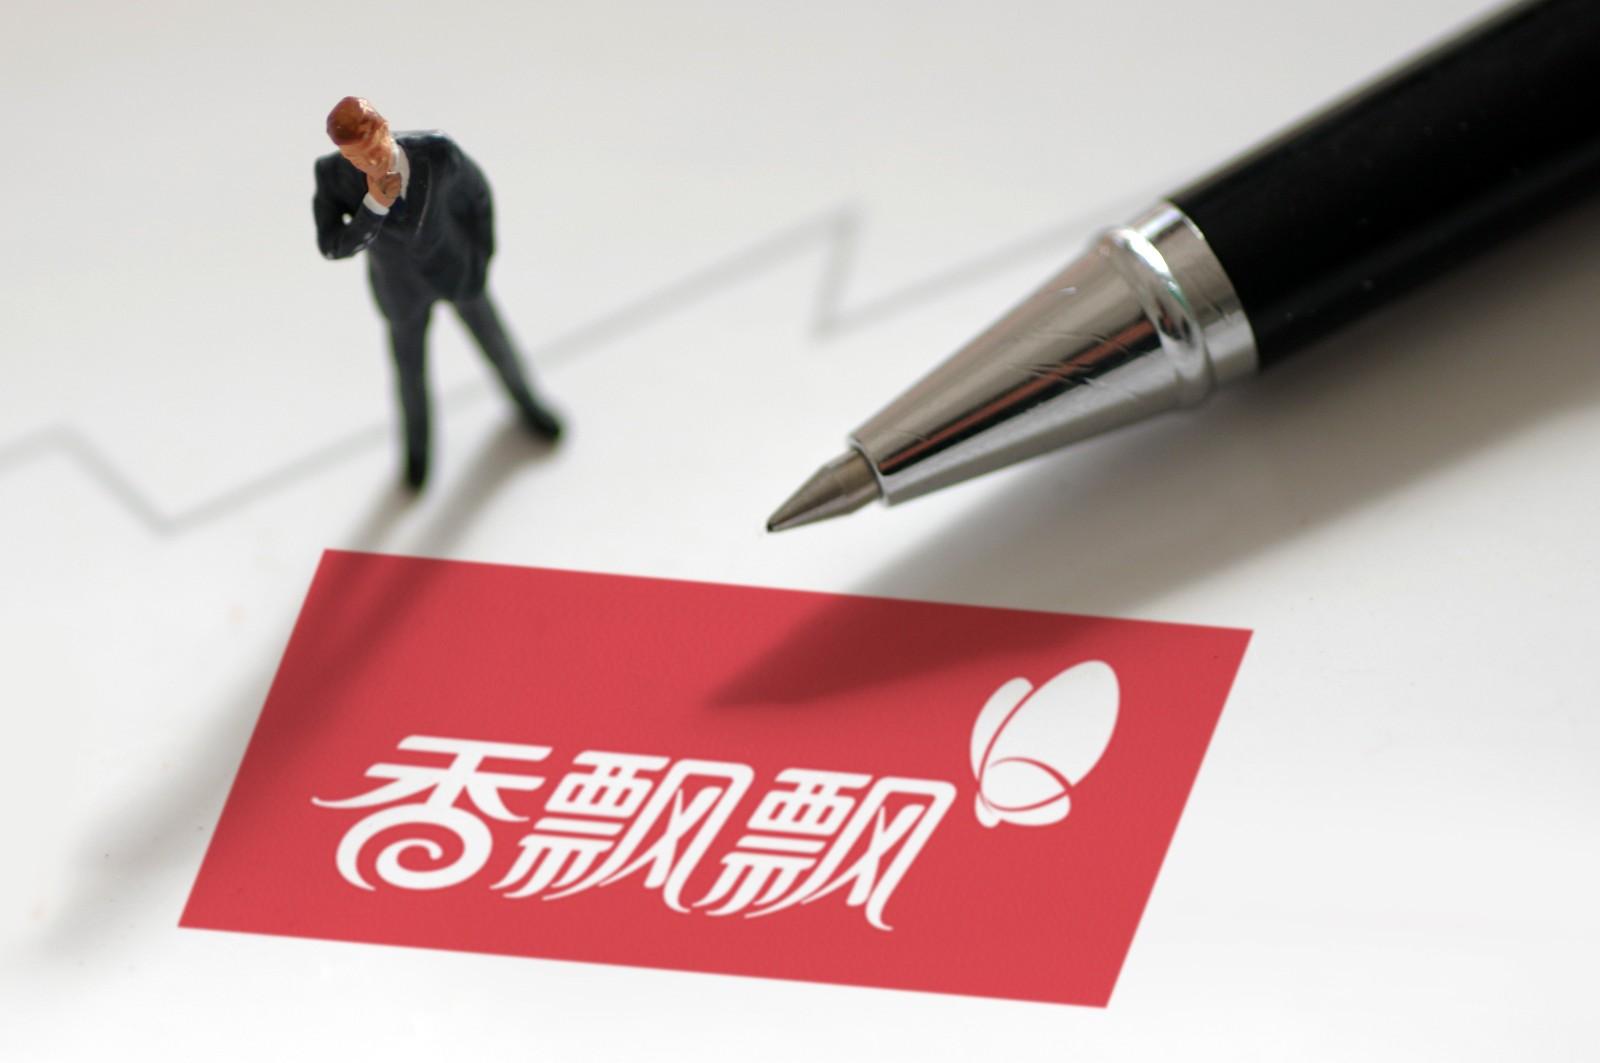 香飘飘增收不增利半年亏5000万 研发投入仅占营收0.5%